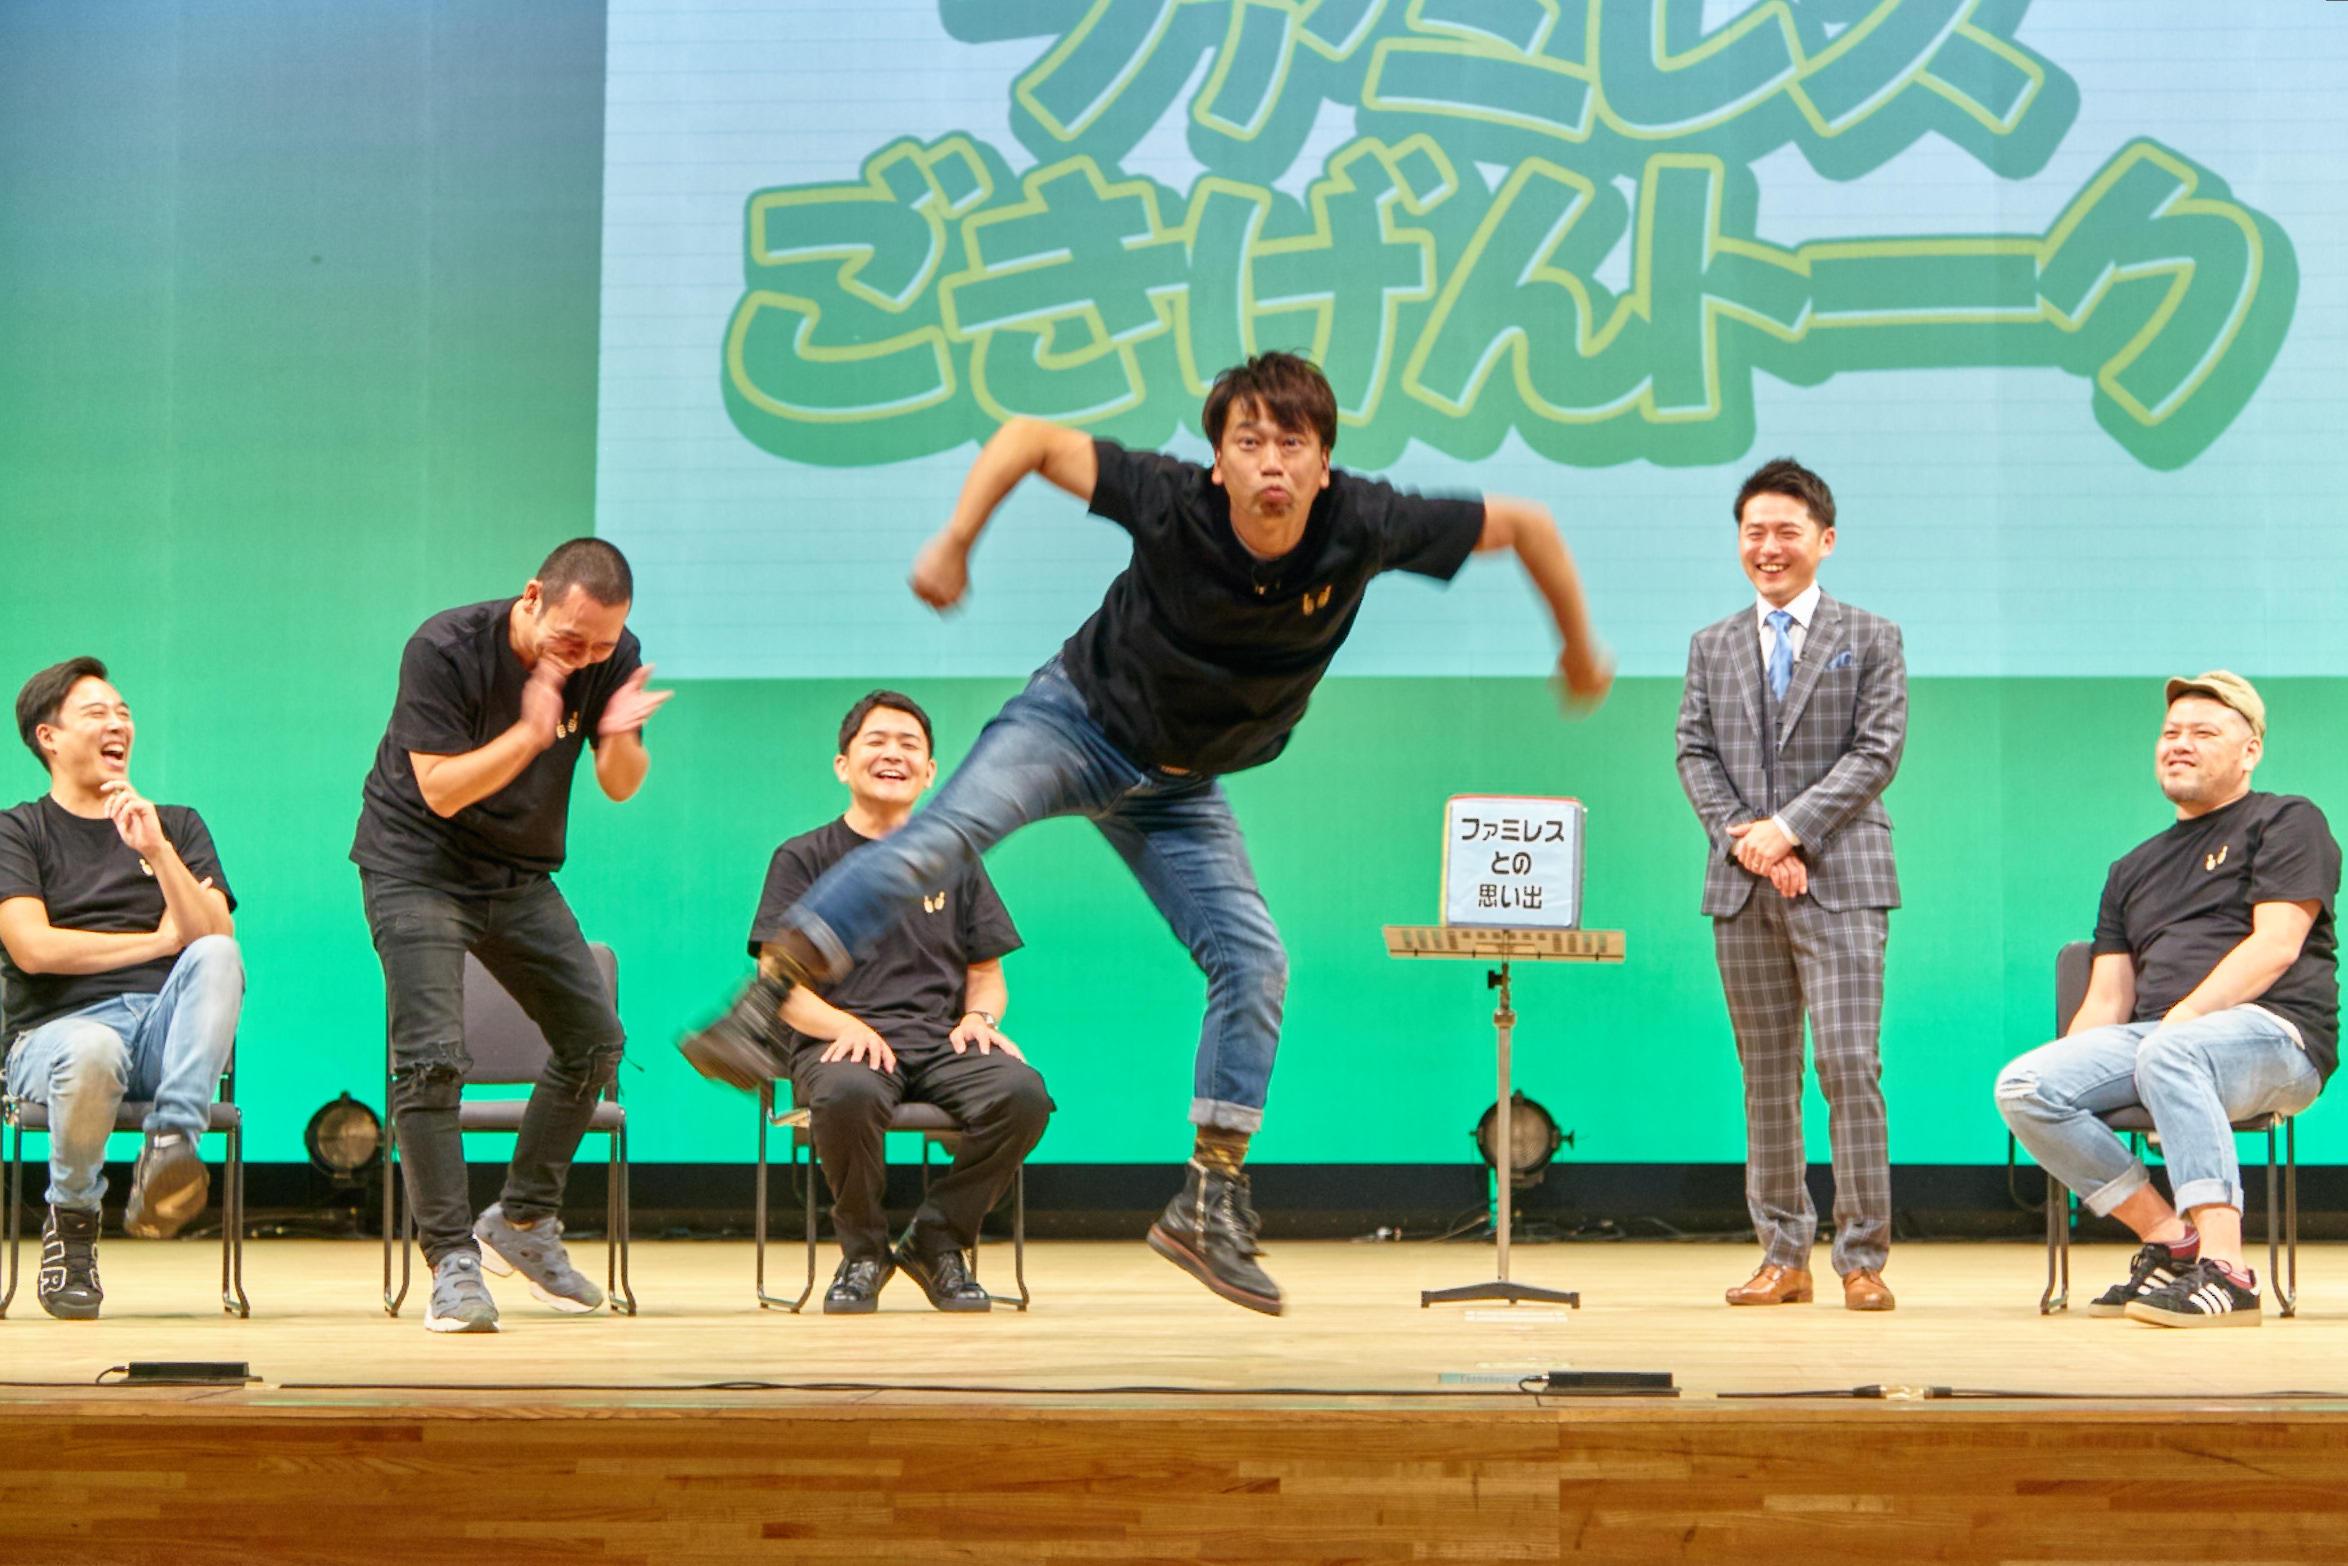 http://news.yoshimoto.co.jp/20171113161839-b0cff4ae7ac4c42a3dc63909e28cd56498fefd32.jpg